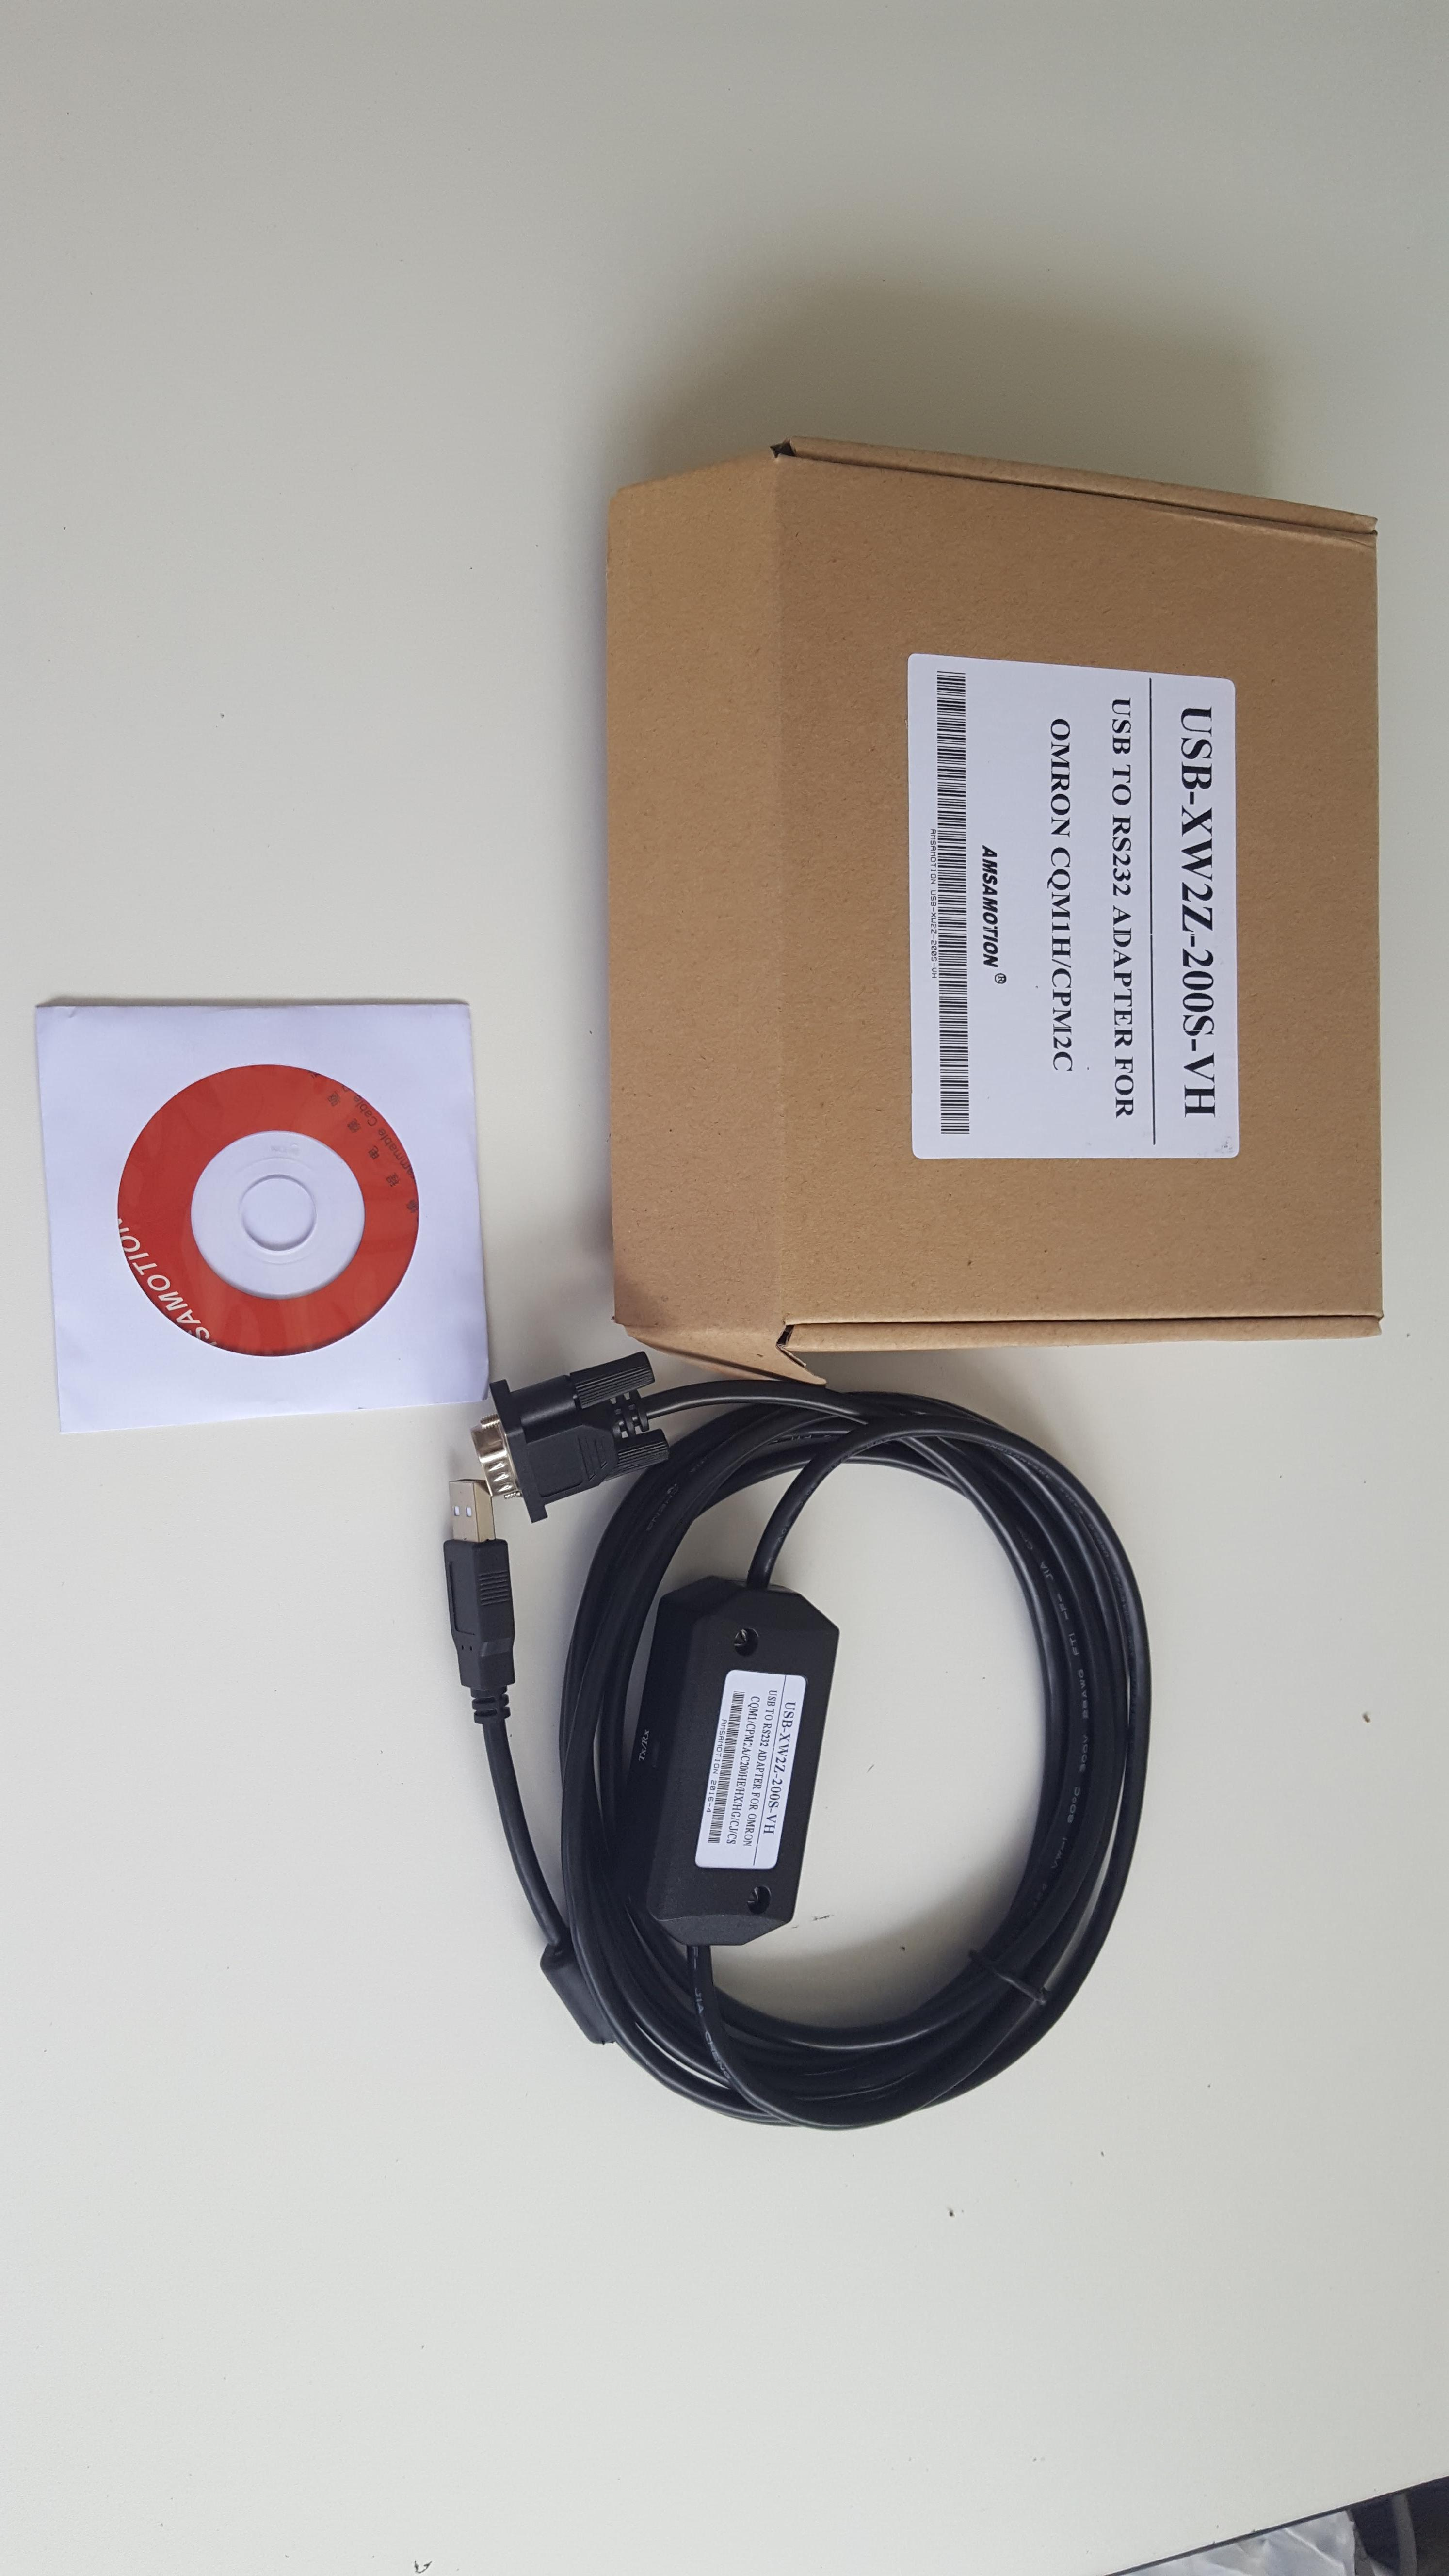 สายโหลด USB-XW2Z-200S-VH Omron CQM1H / CPM2C / 2AH / CJ1M programming cable